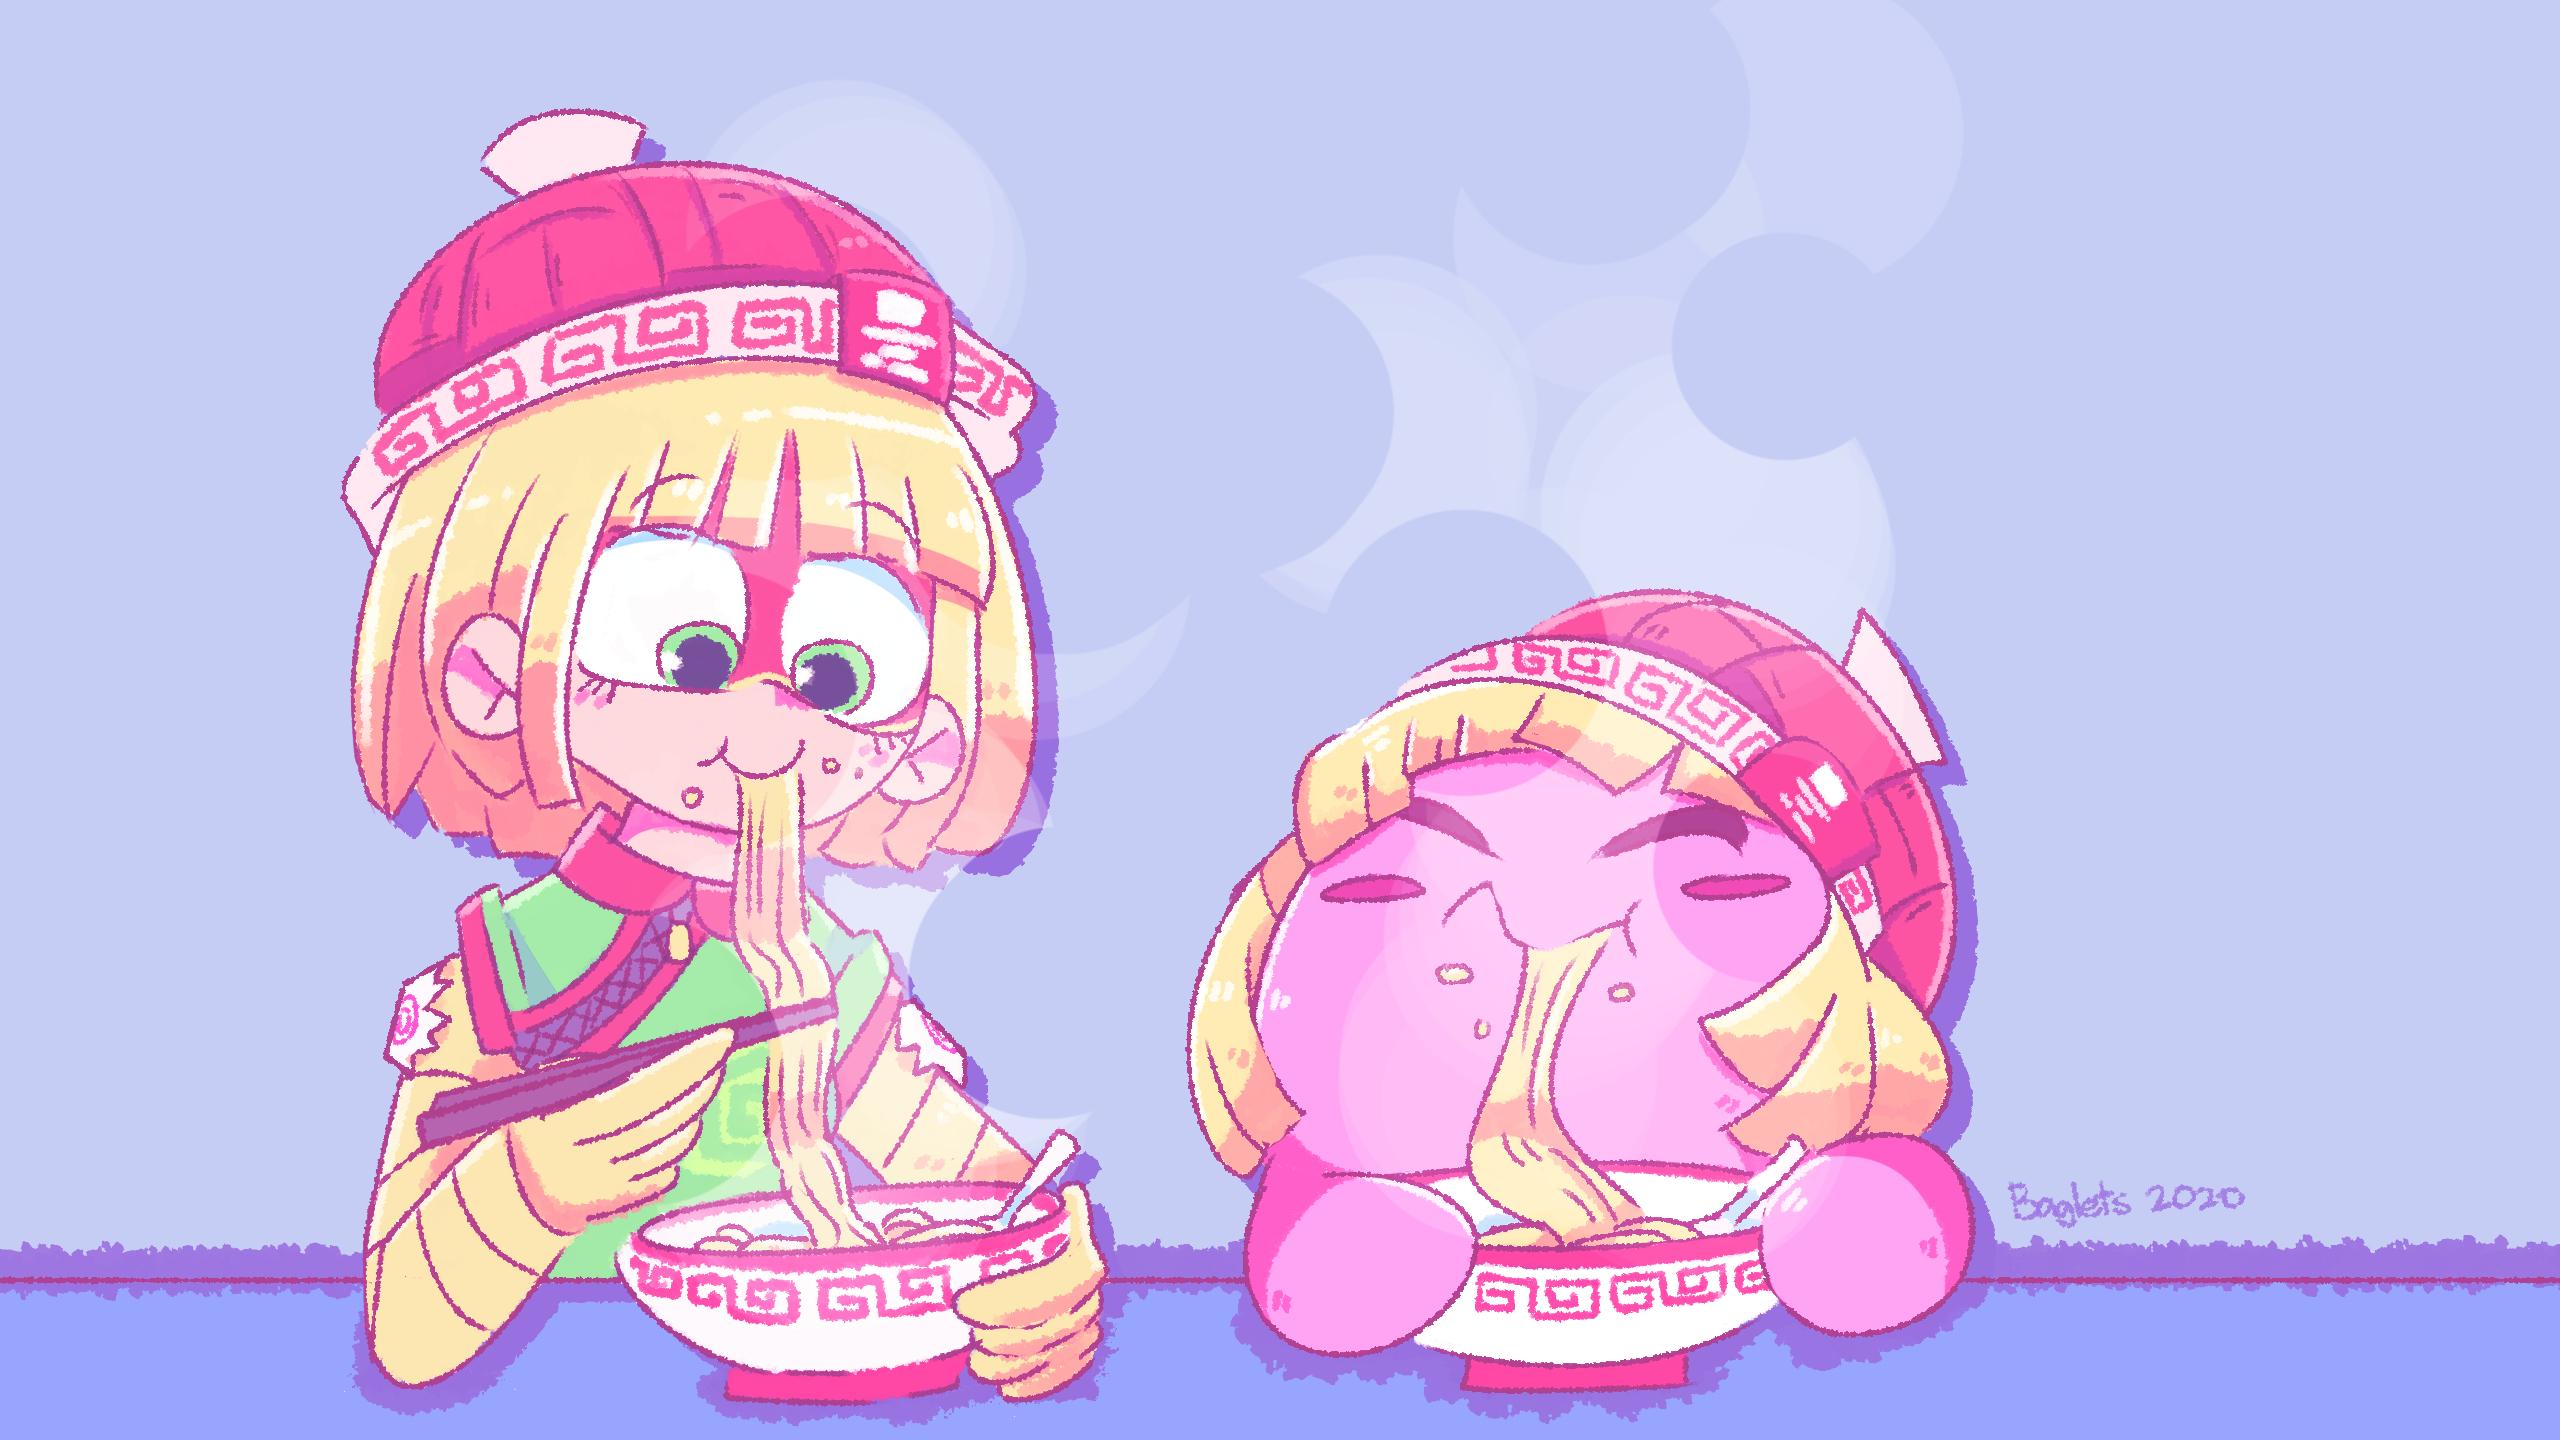 Min Min x Kirby Friendship